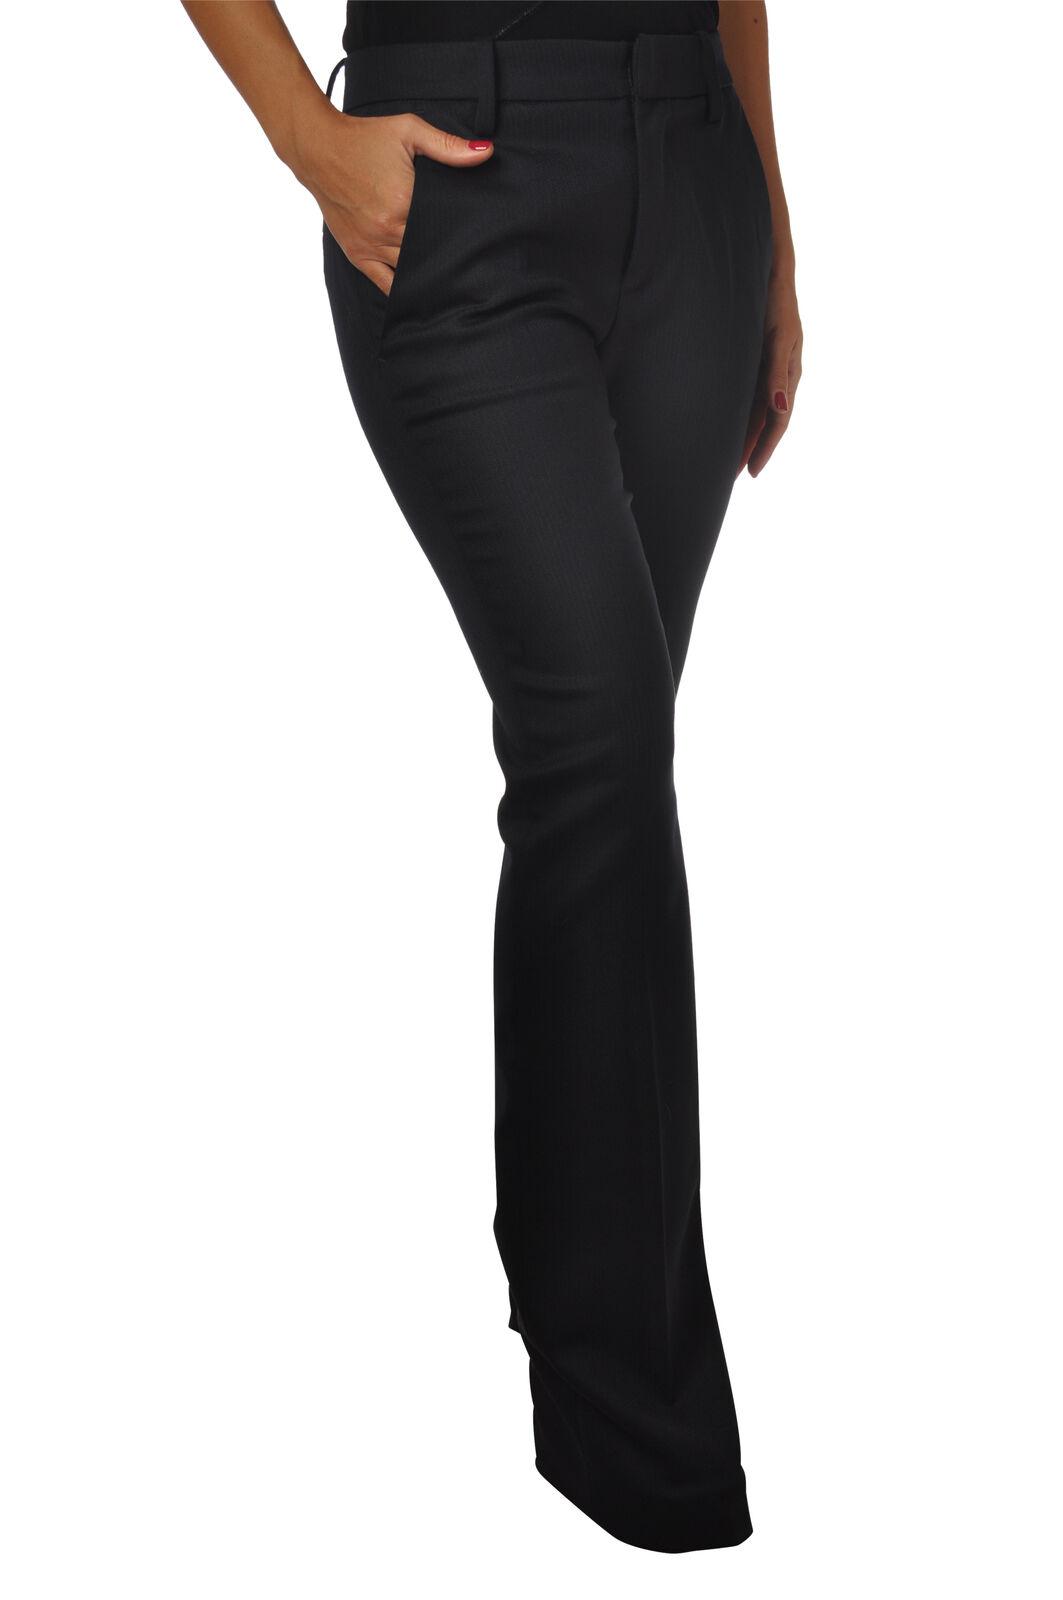 Dondup - Pants-Pants - Woman - Blau - 5747218L181852